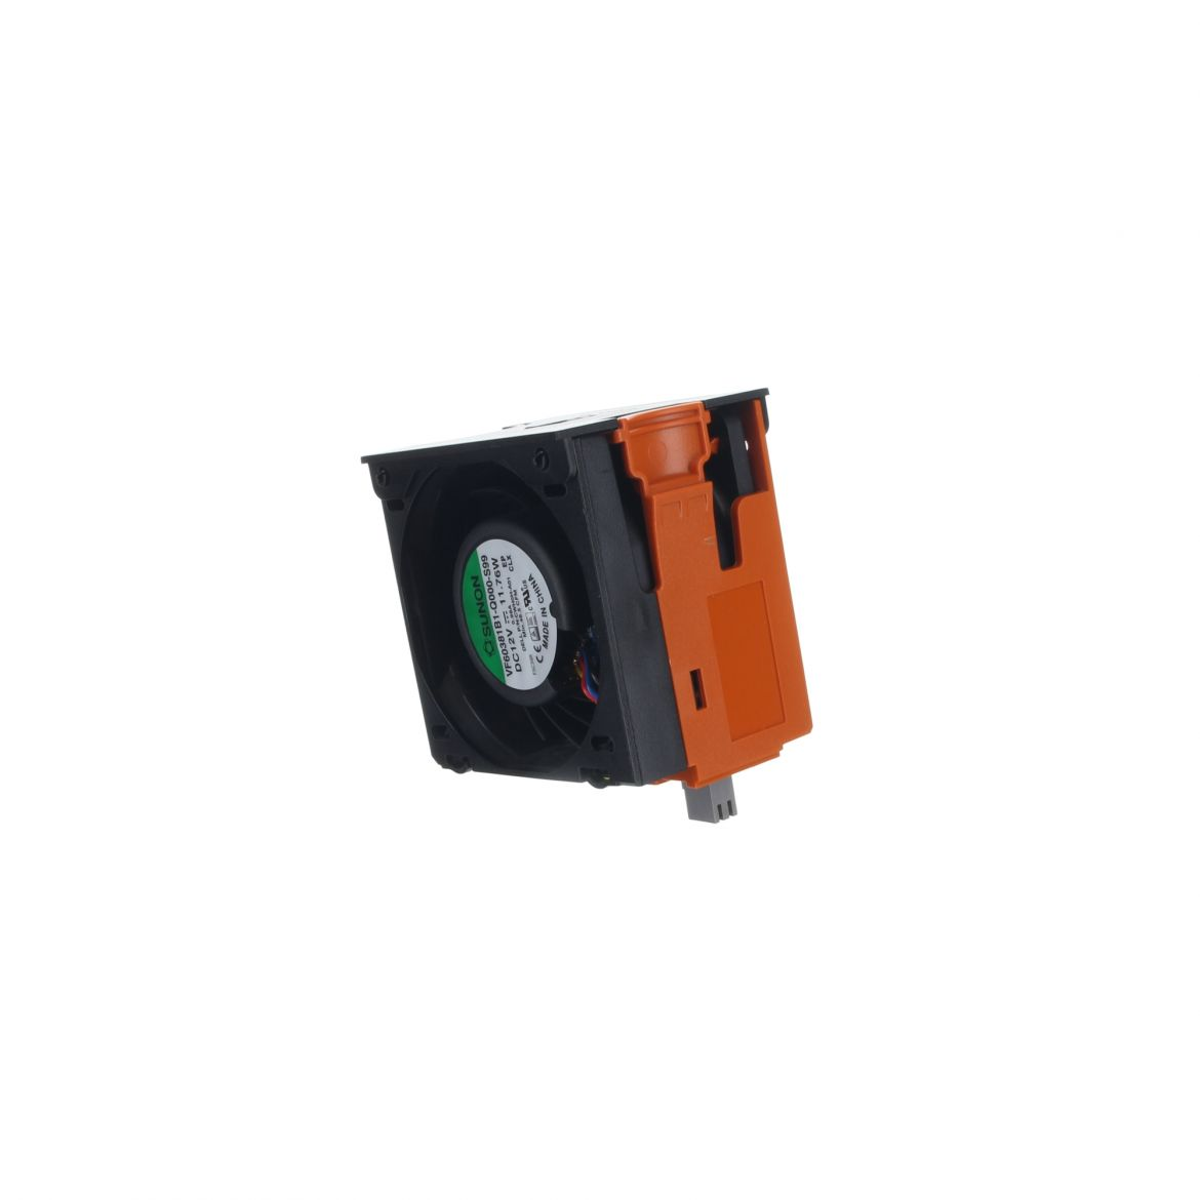 H0H89 R730 FAN4